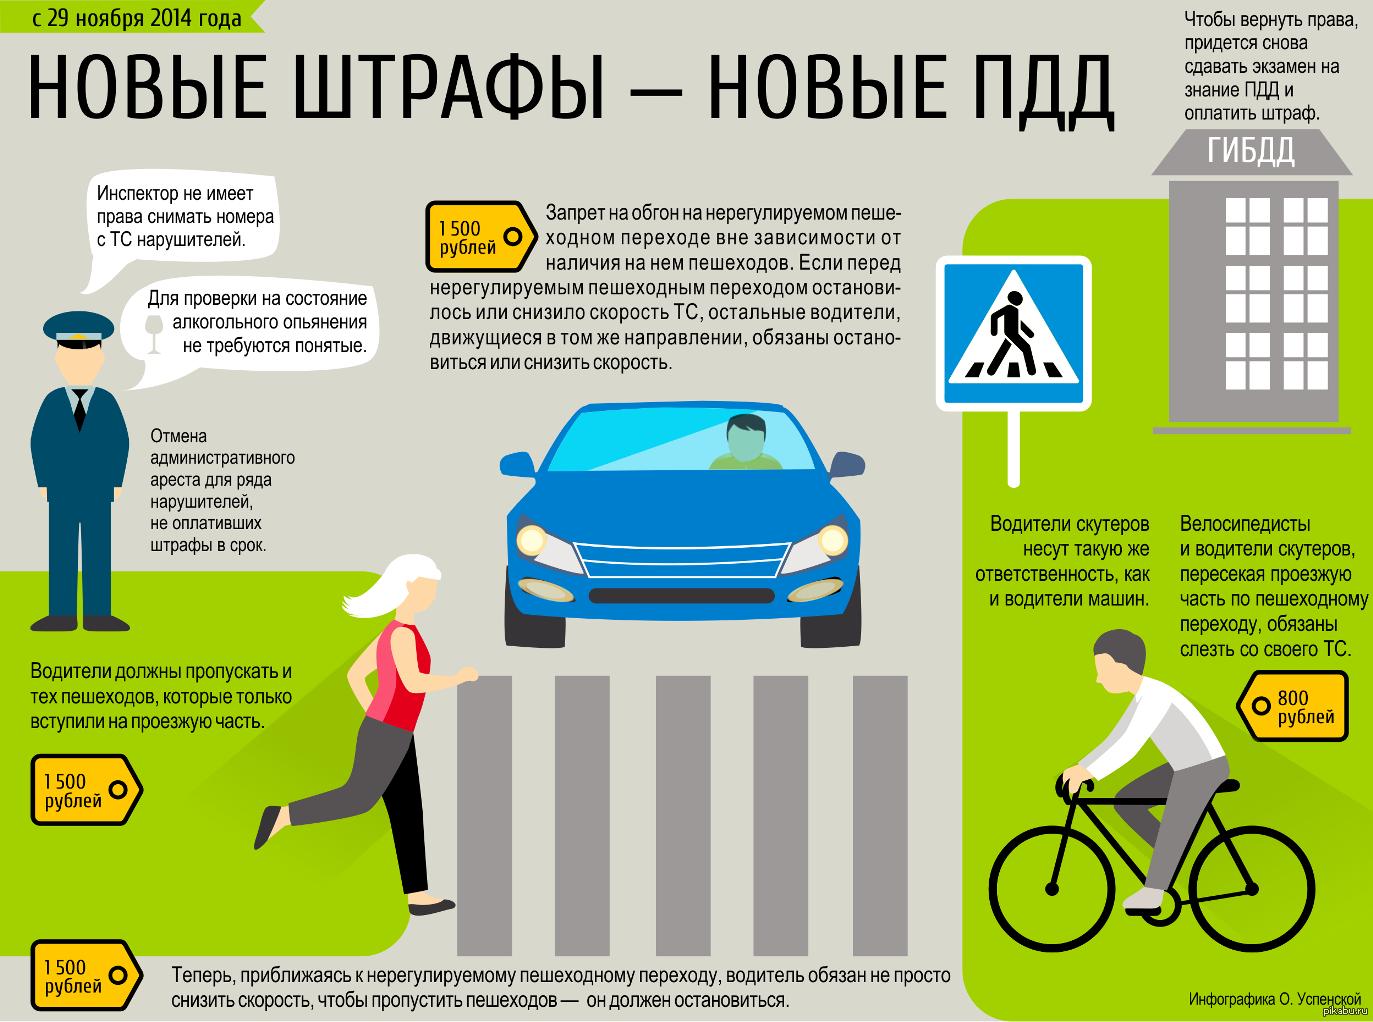 Новые ПДД в 2018 году - что ждет водителей - СЕГОДНЯ